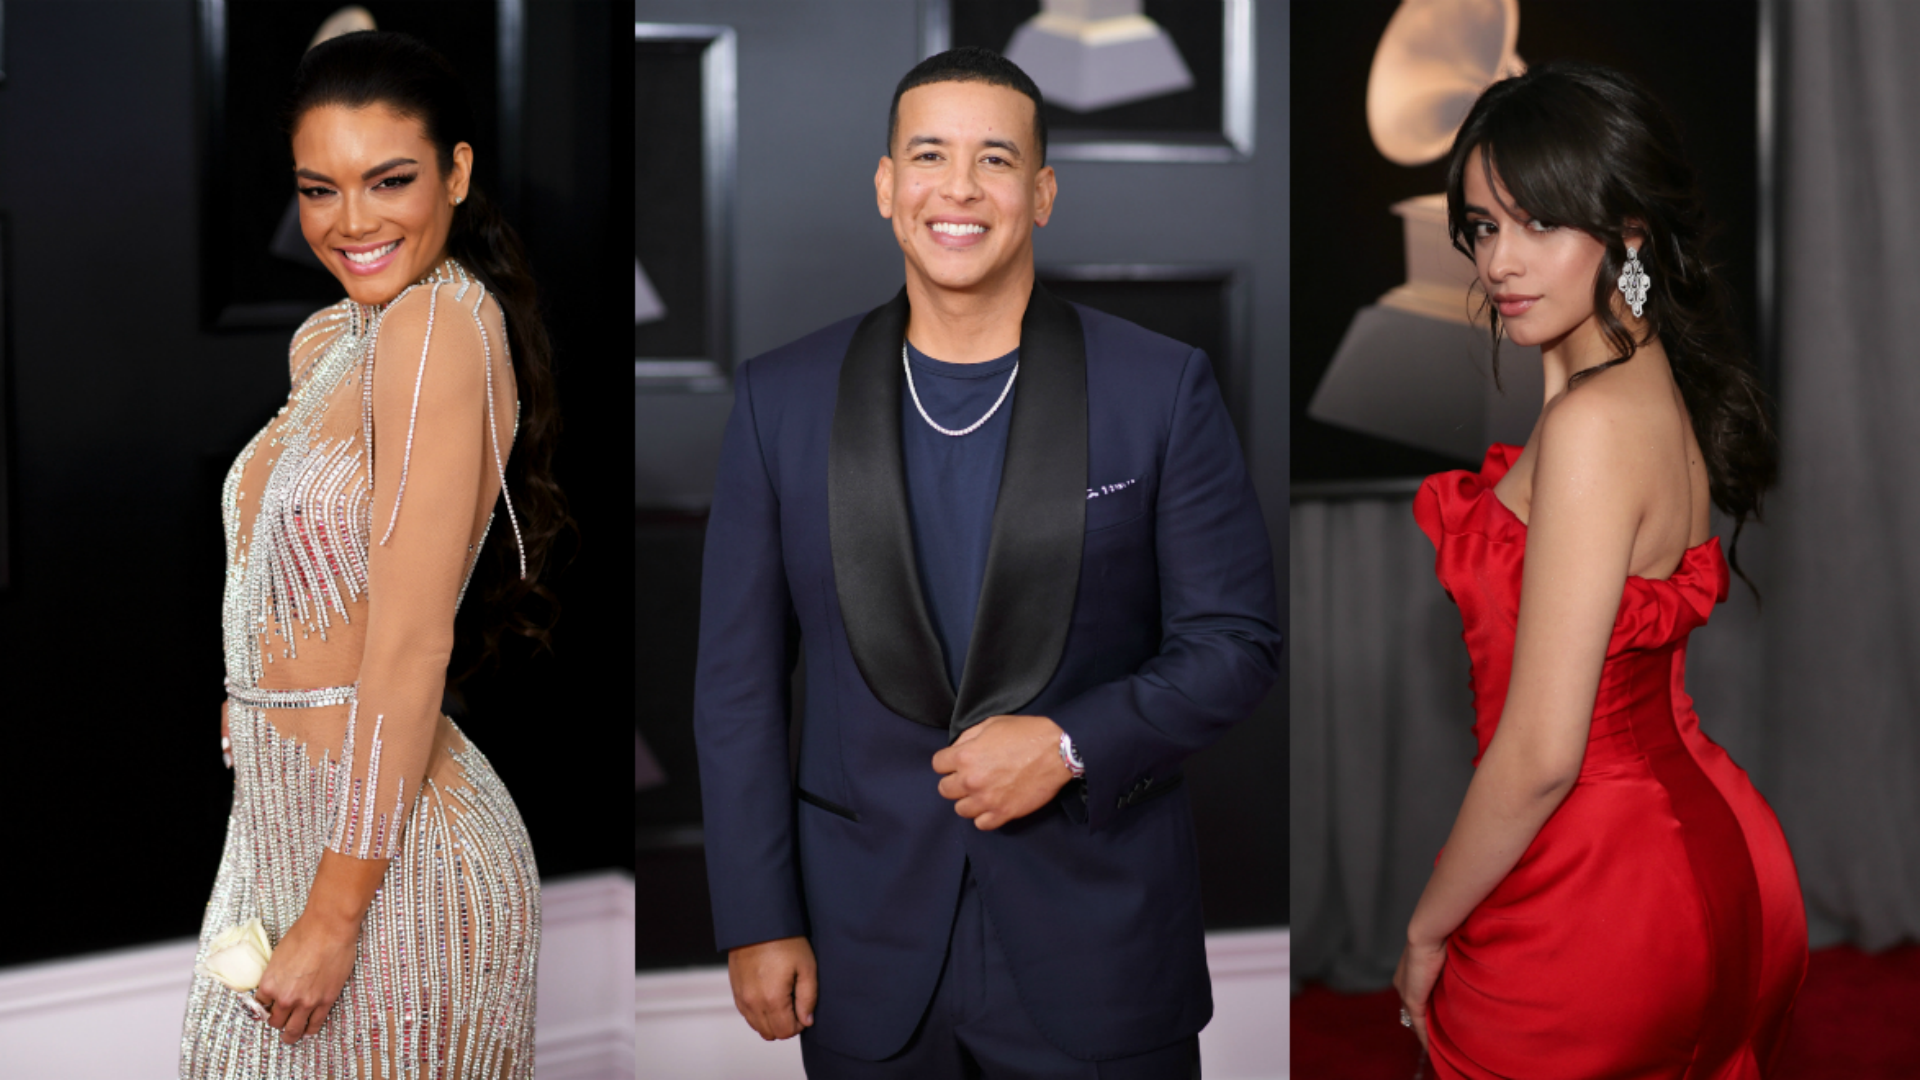 ¿Camila Cabello o Zuleyka Rivera? Estos fueron los looks de los famosos en la alfombra roja de los GRAMMY